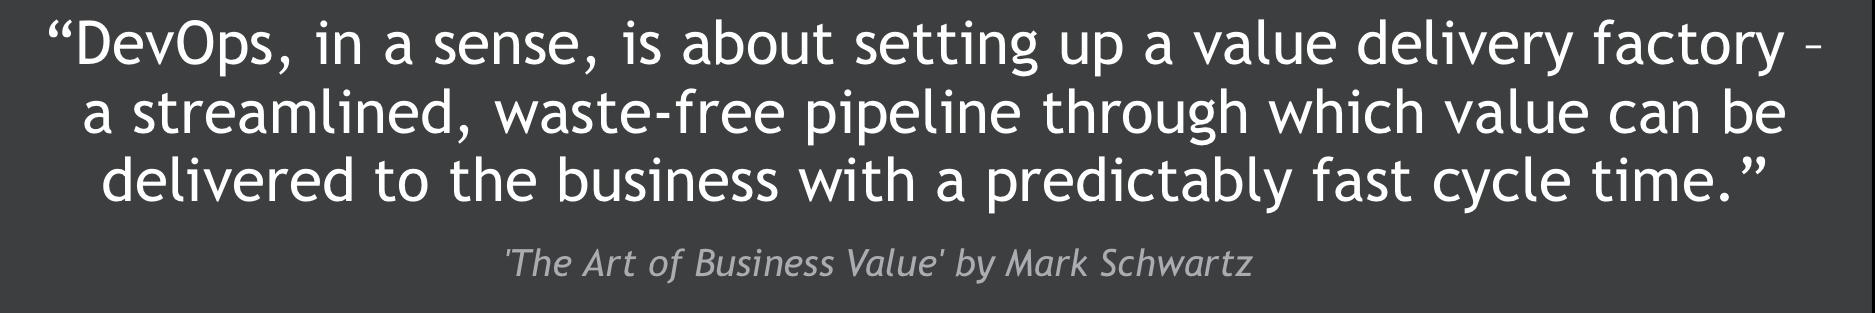 Mark Schwartz Quote.png